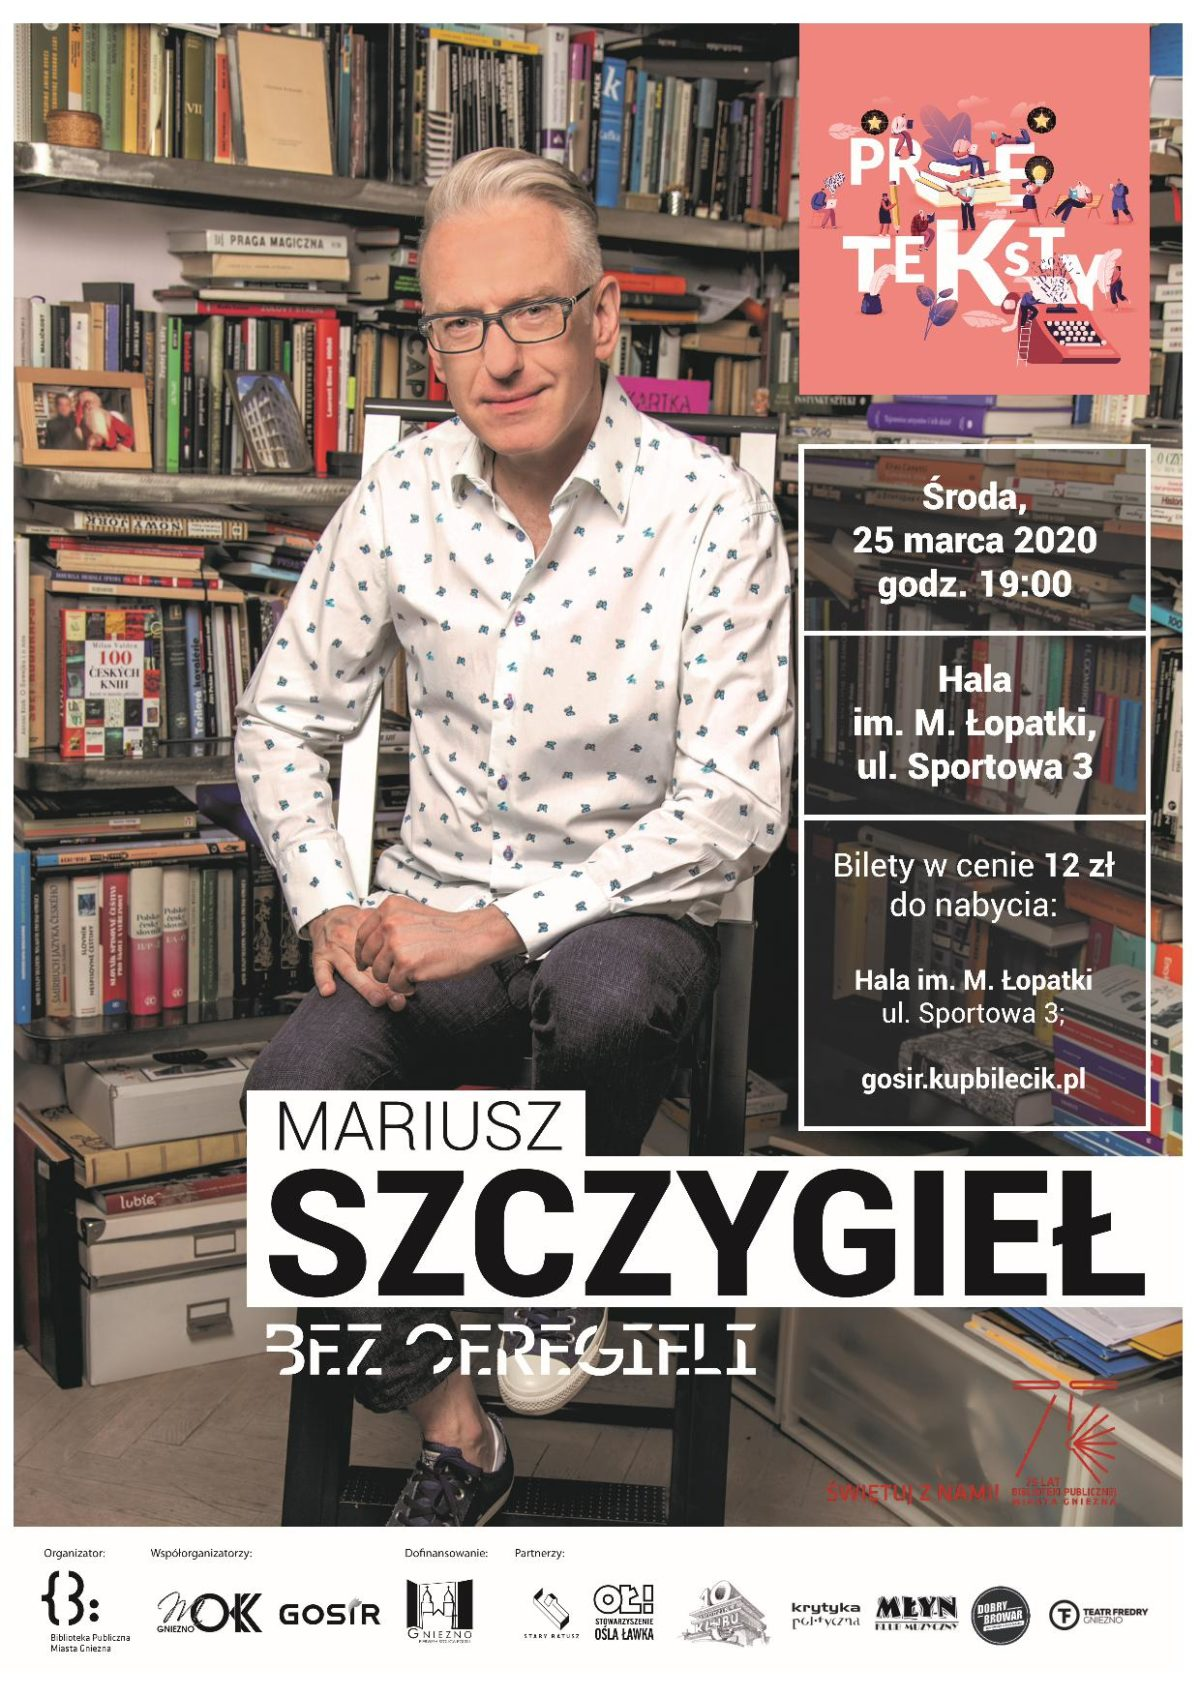 Mariusz Szczygieł w Gnieźnie! …..